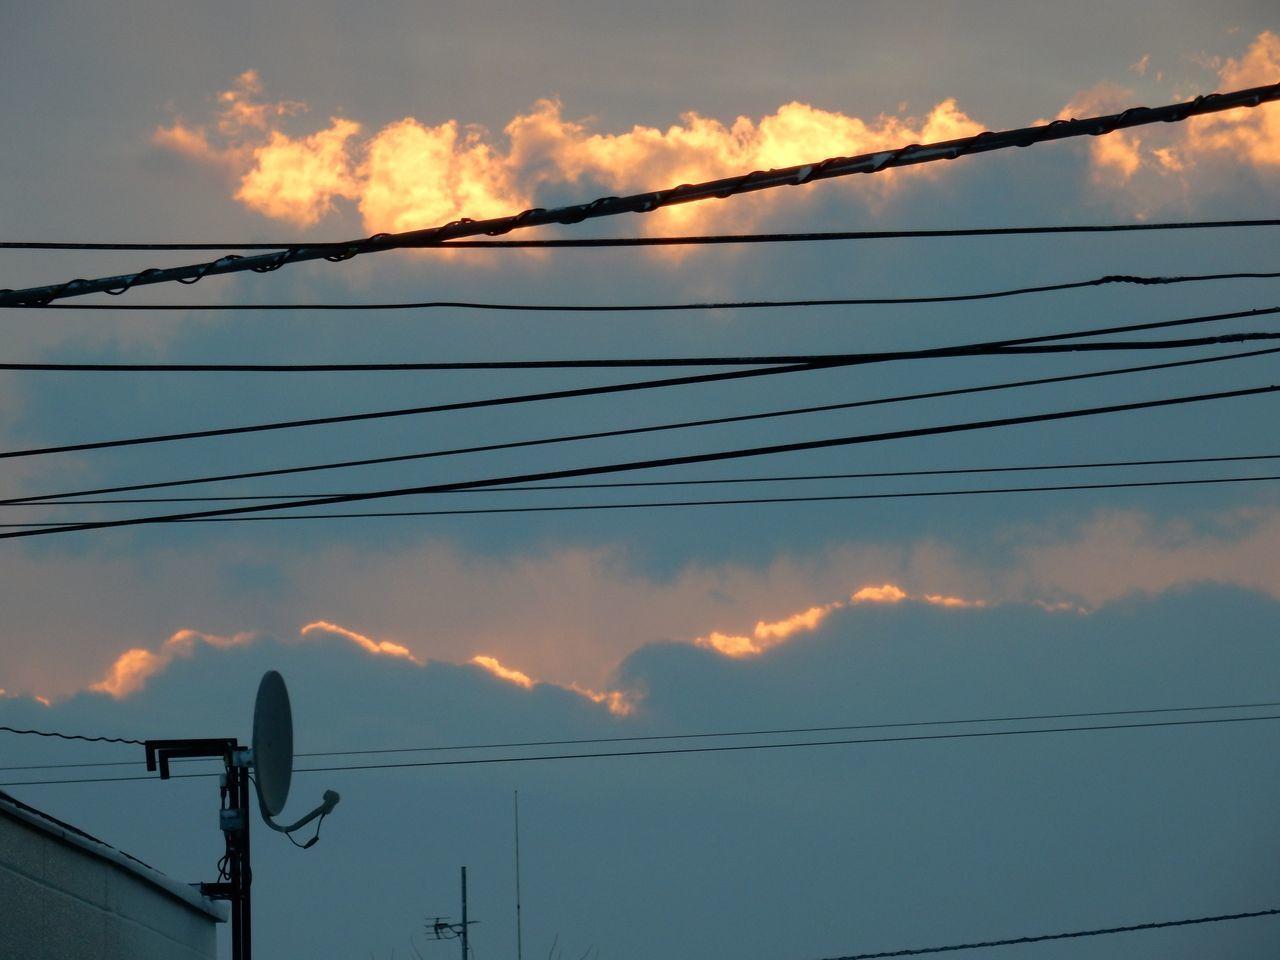 朝なのに夕焼けみたい_c0025115_19320445.jpg